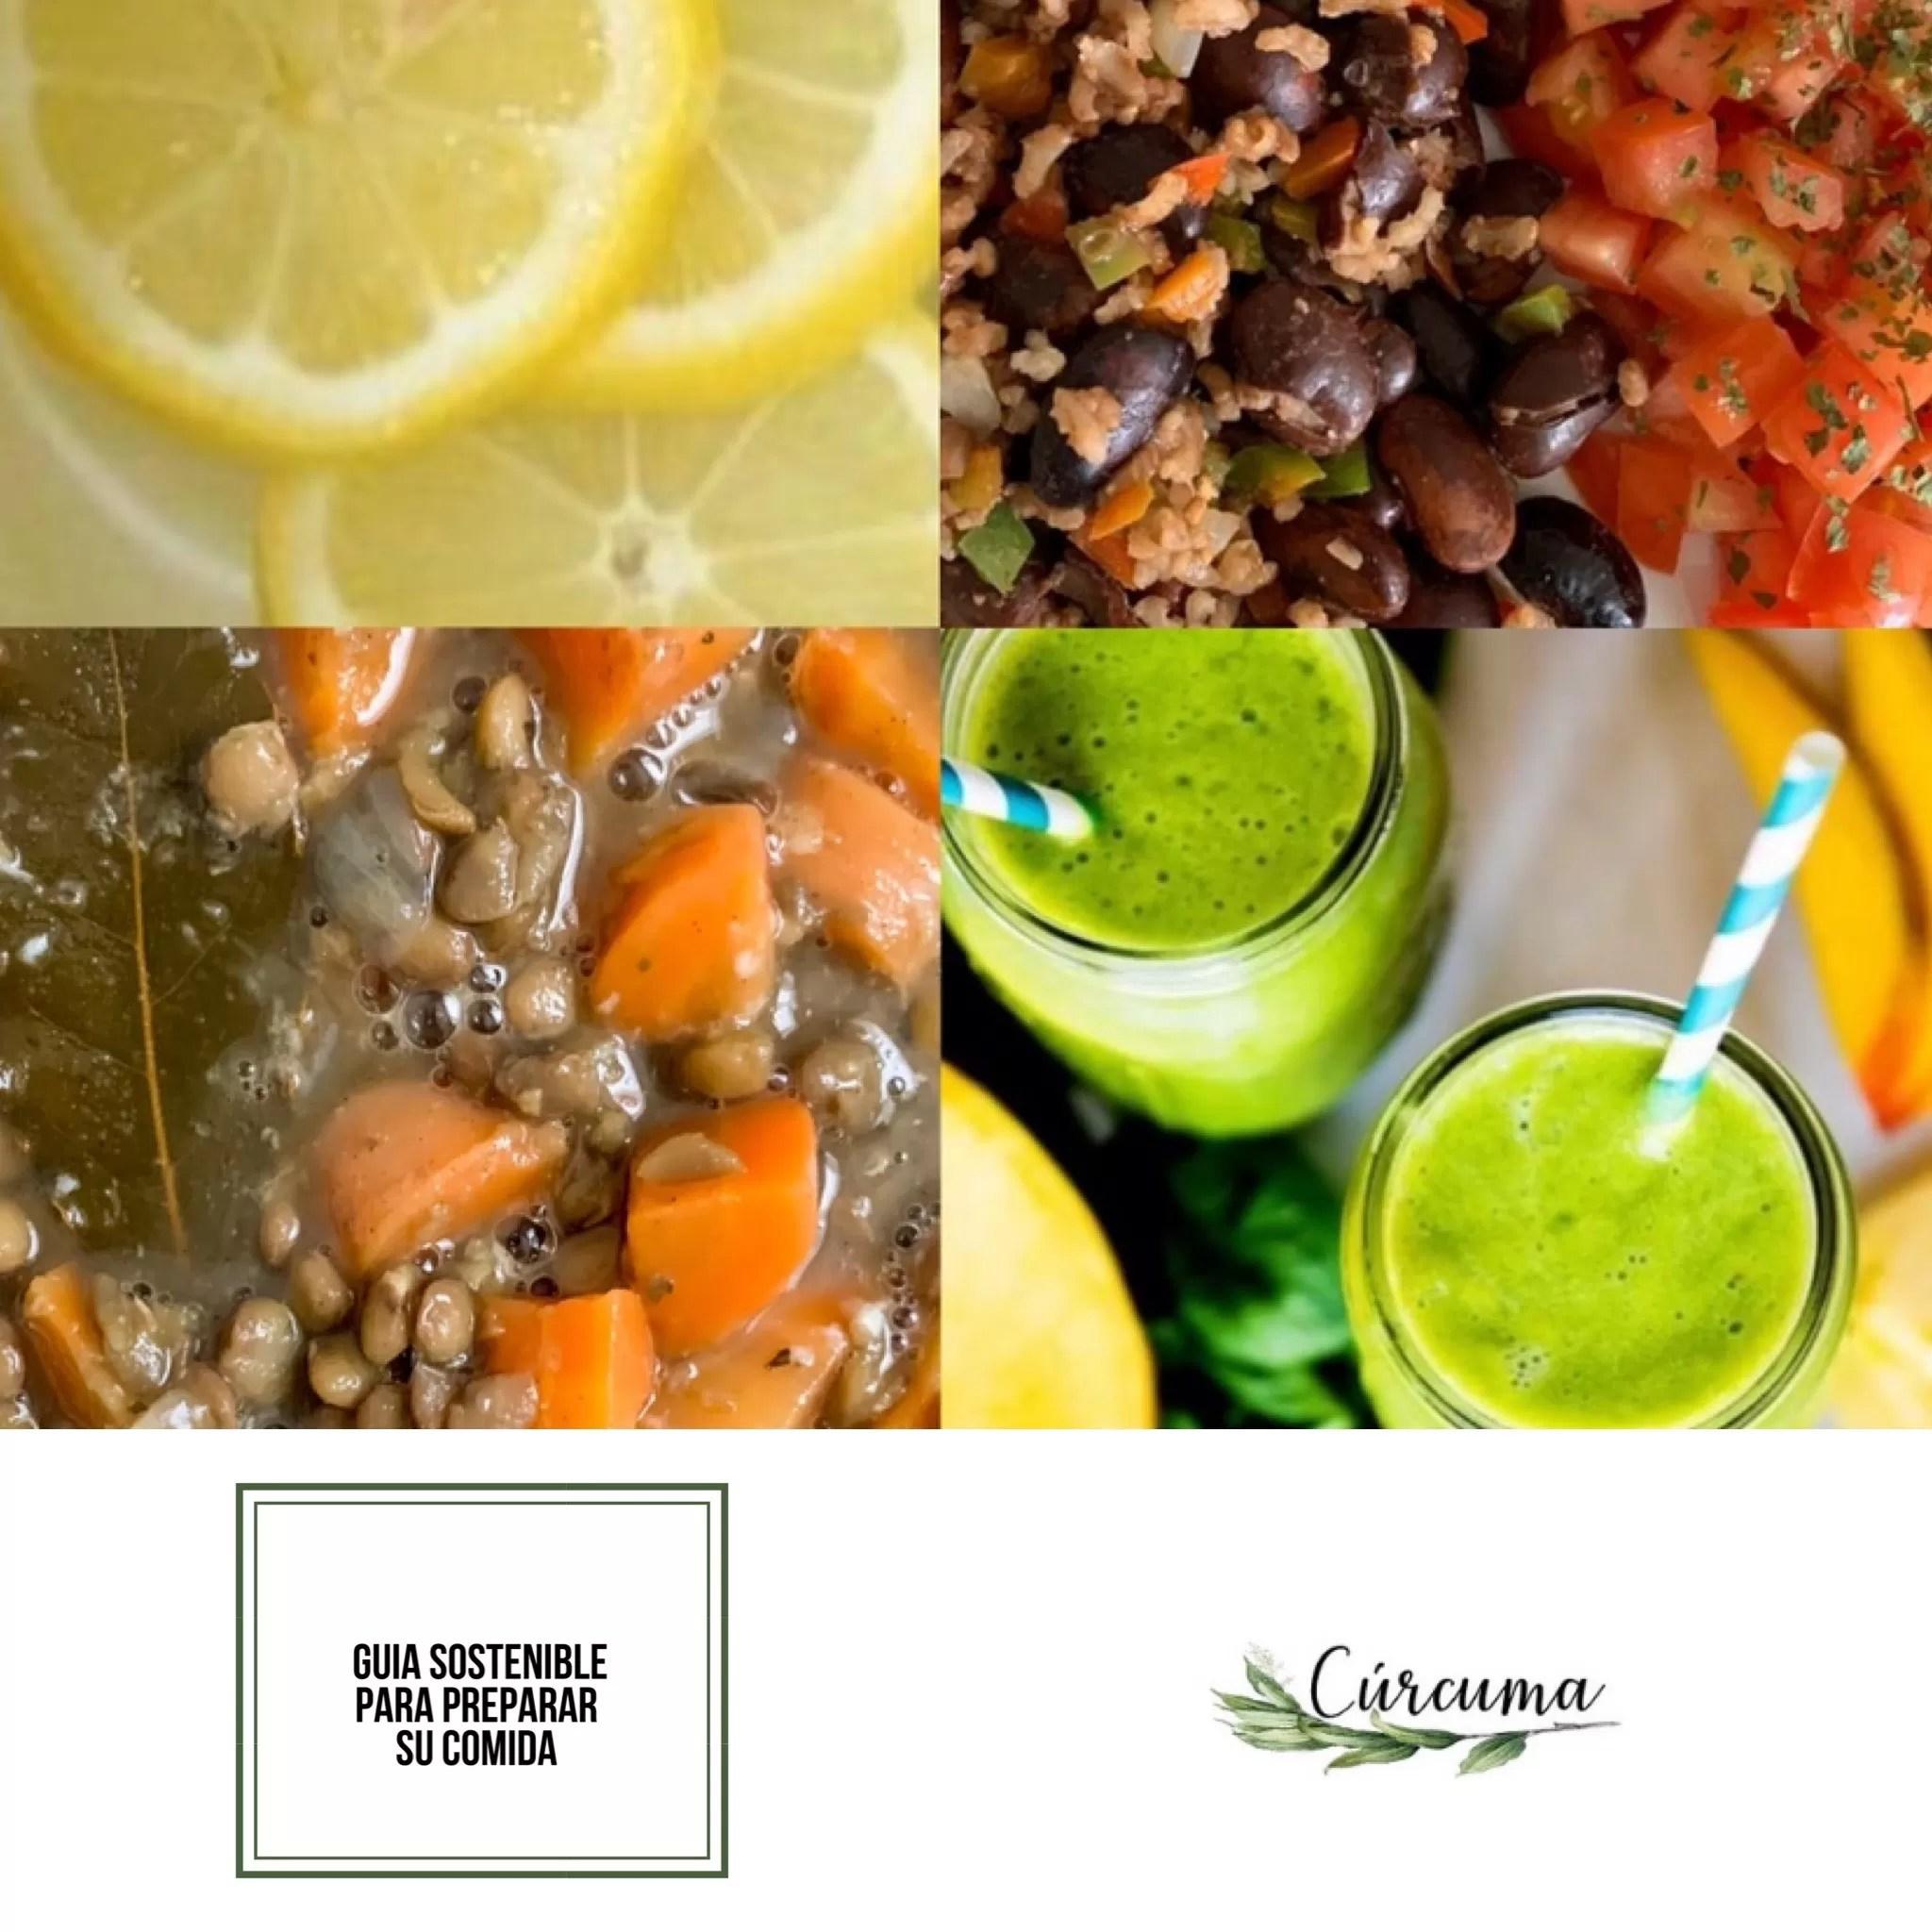 Preparación de comidas sostenibles